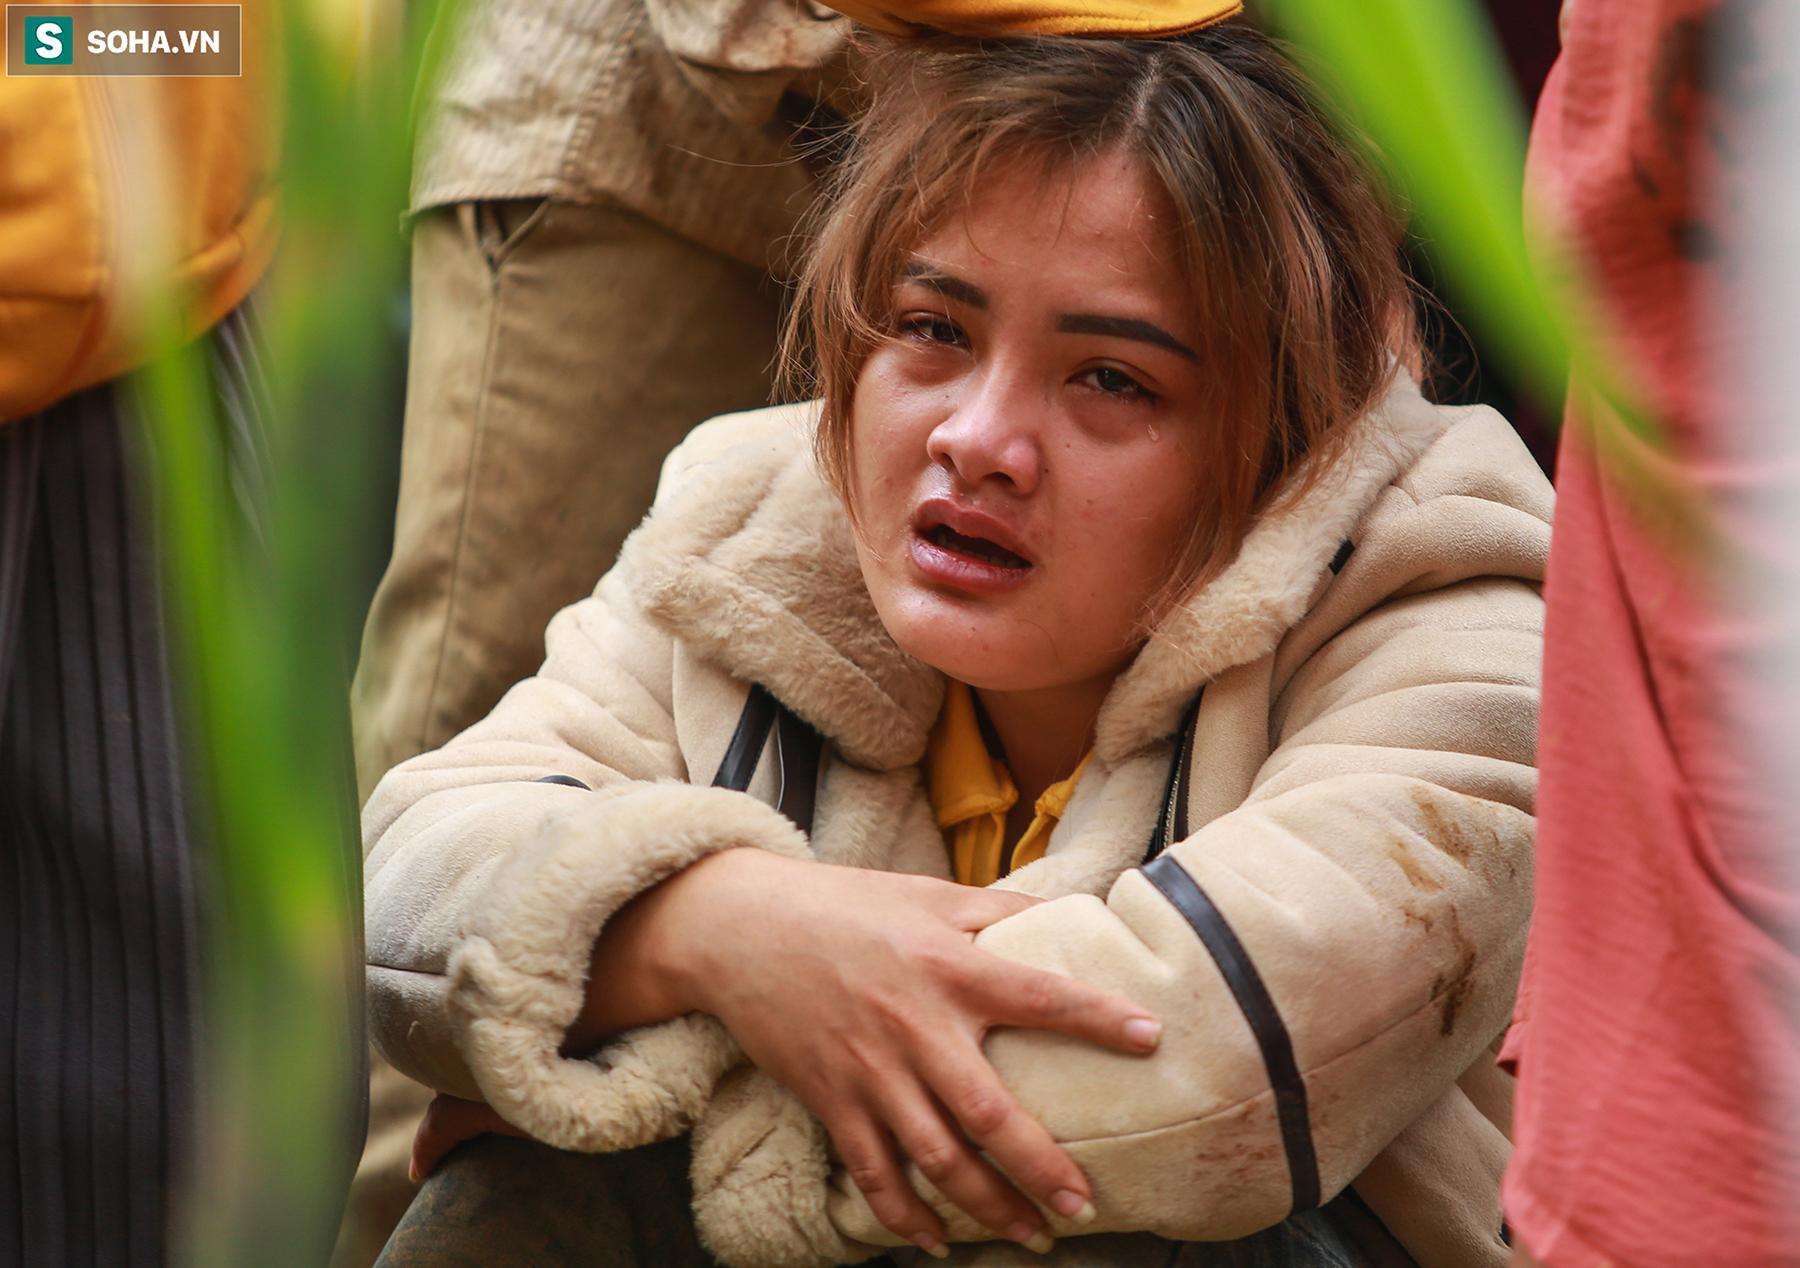 [Ảnh] Dân làng khóc nghẹn khi tìm thấy bé trai 10 tháng tuổi dưới lớp bùn đất vụ sạt lở ở Trà Leng - Ảnh 10.